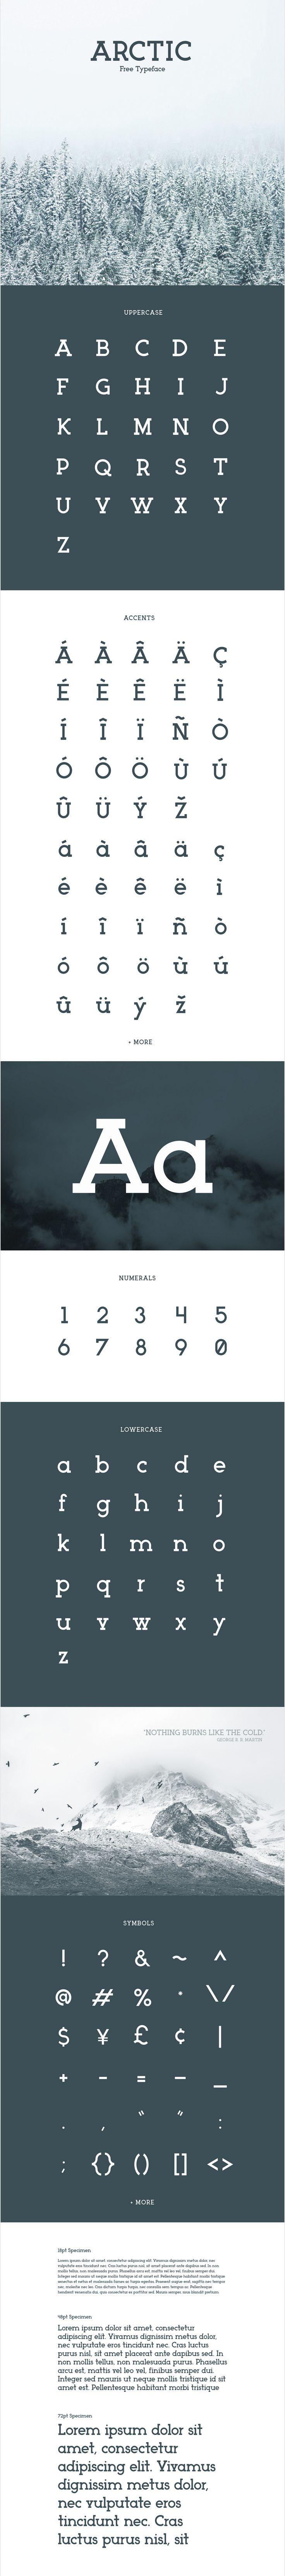 Arctic is a modern slab serif typeface by Matt Ellis.